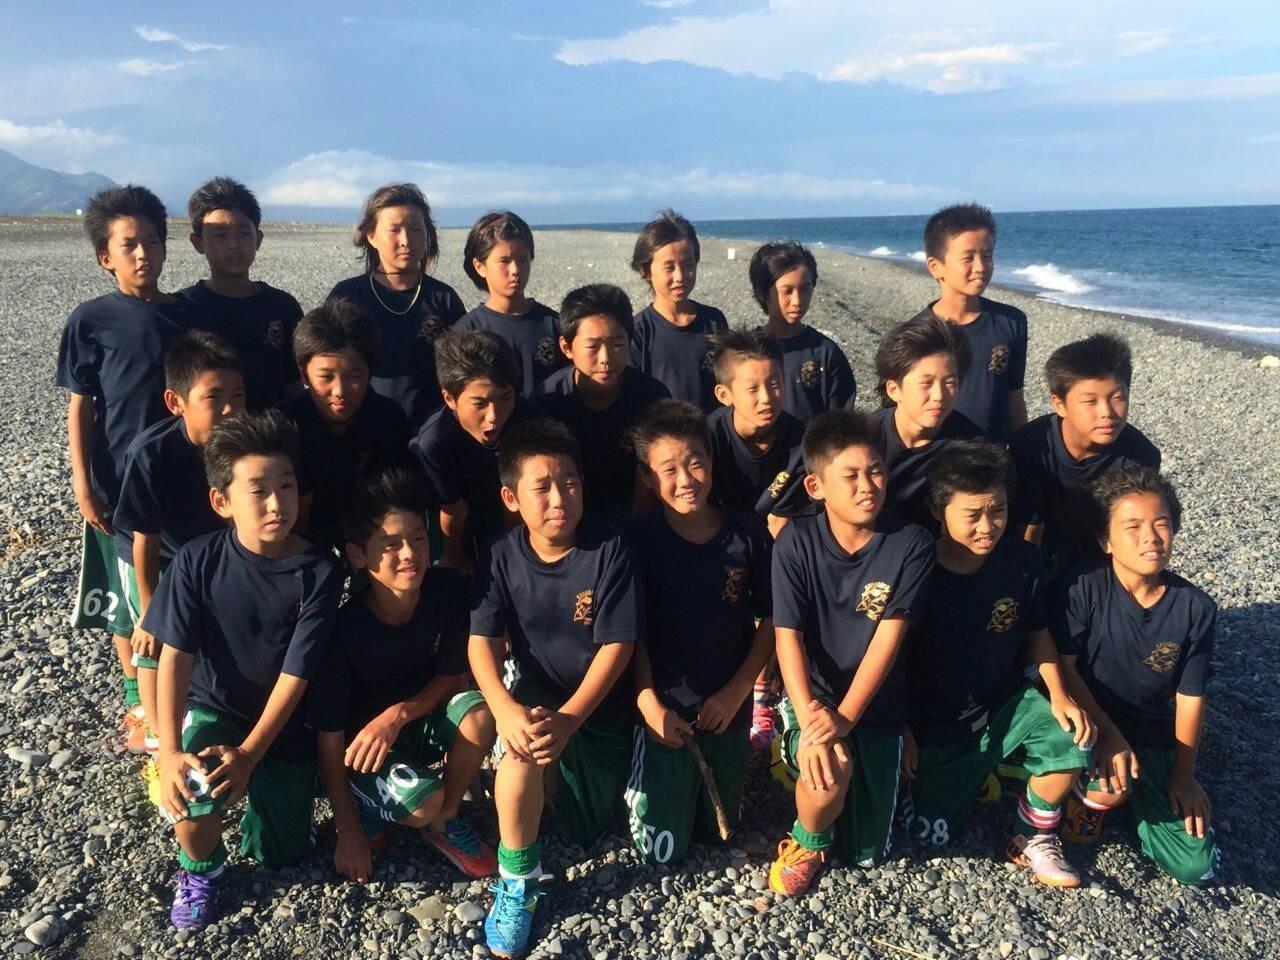 清水カップ U-12(6年生)三保の松原にて